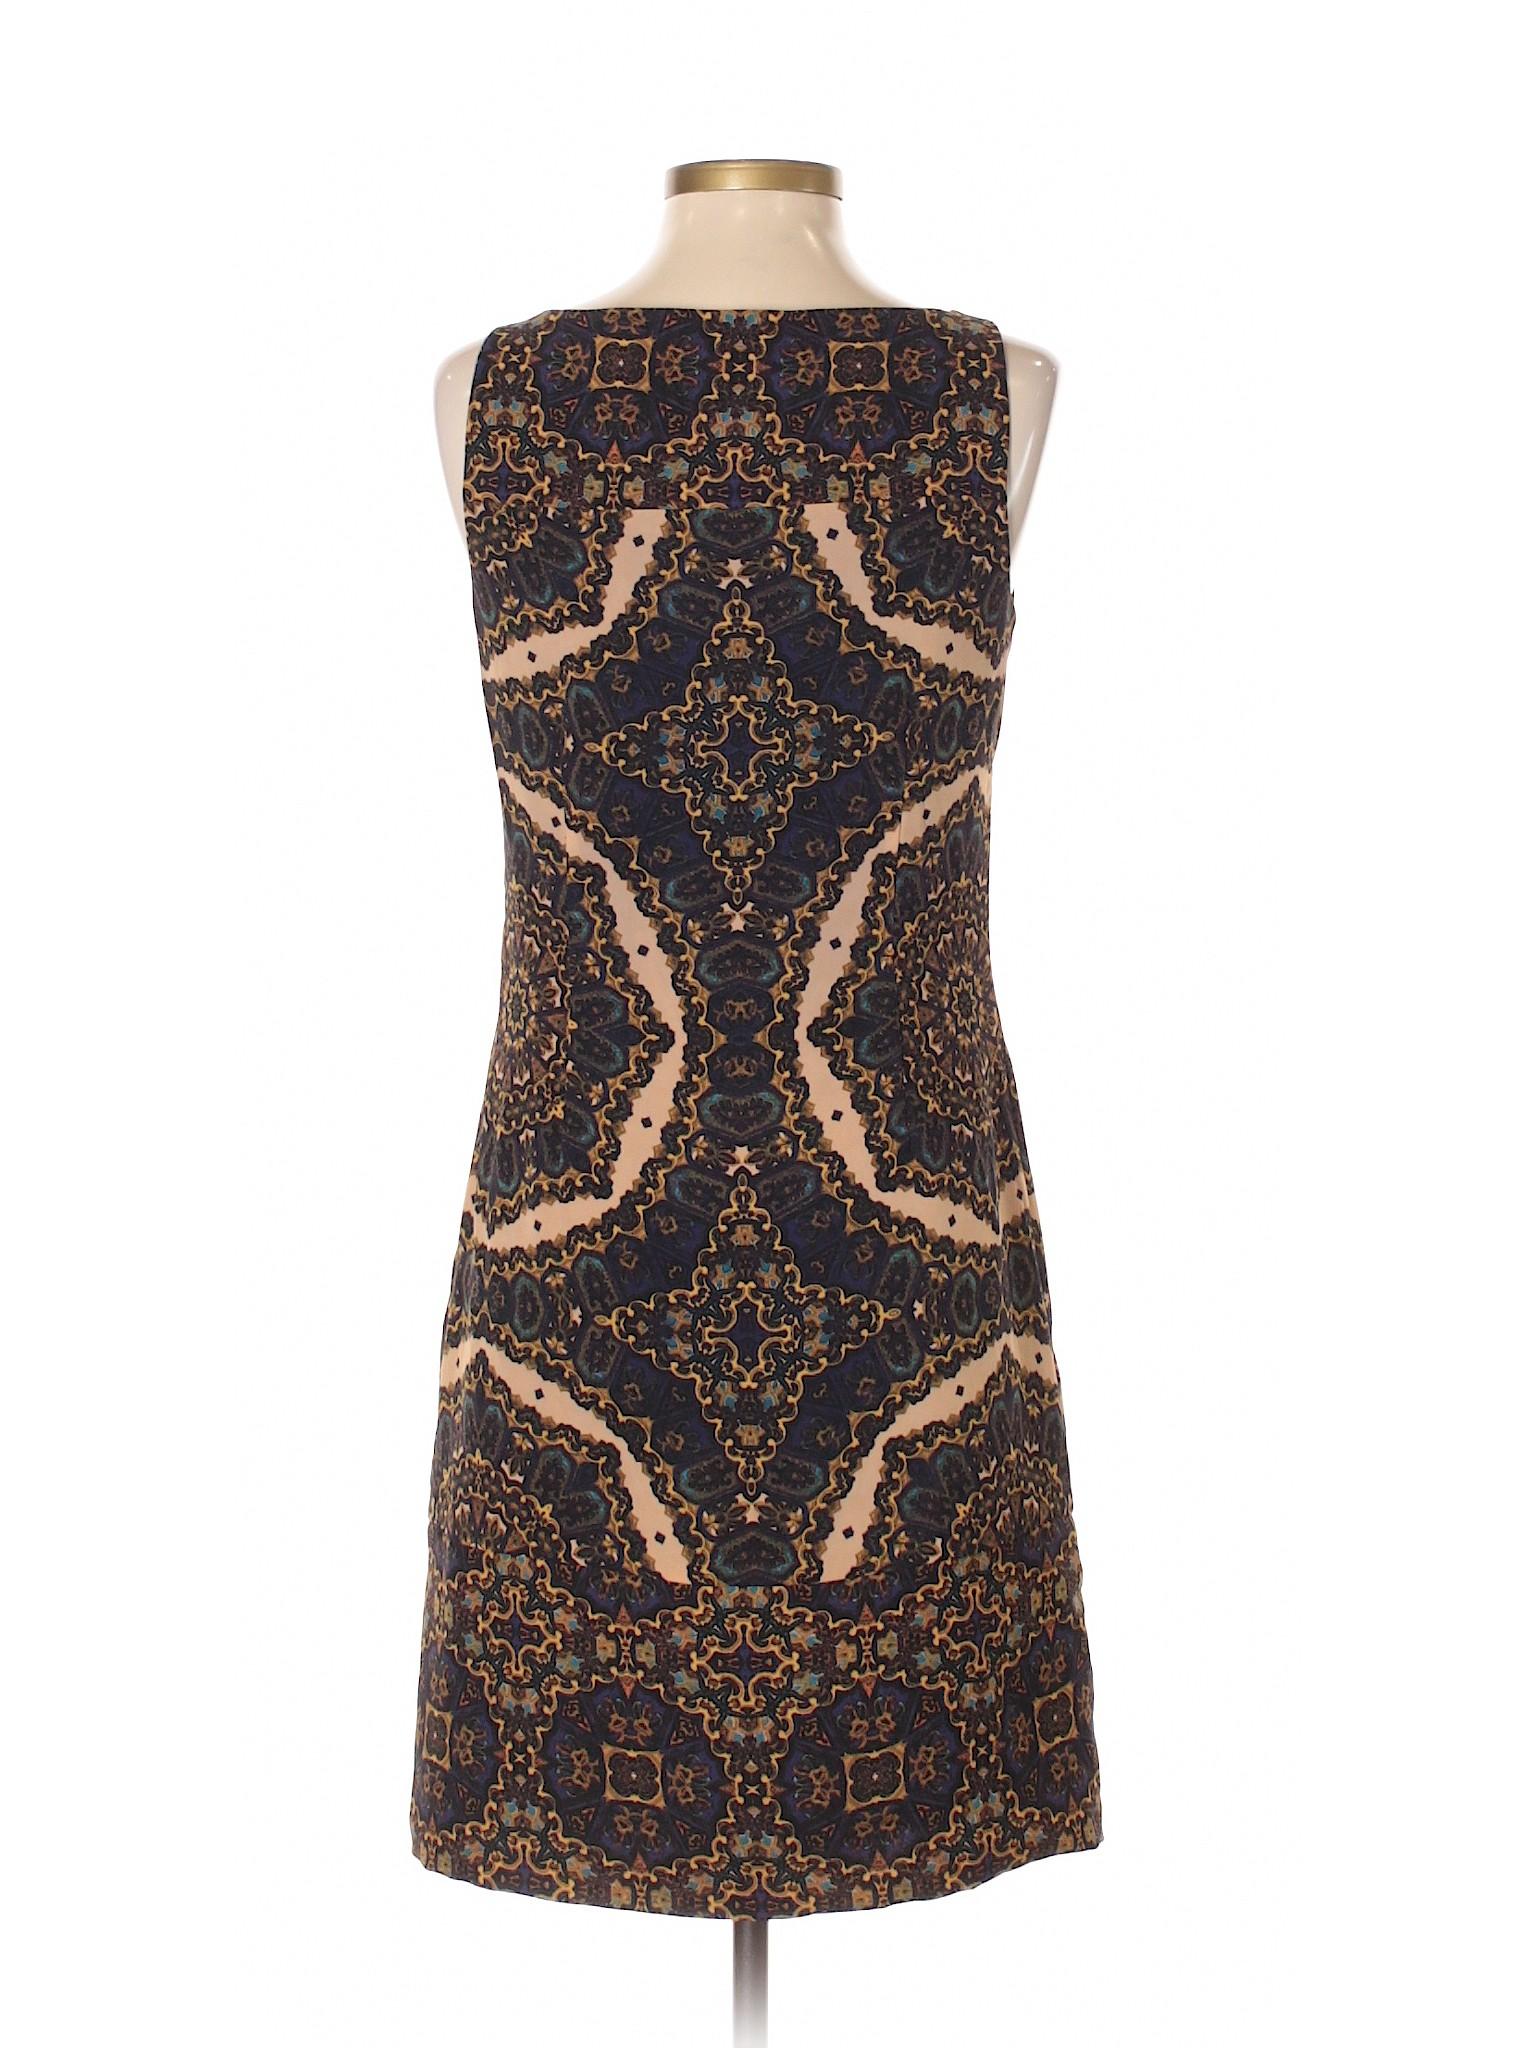 Boutique winter Casual Dress Camuto Vince PxqPTnYRrW